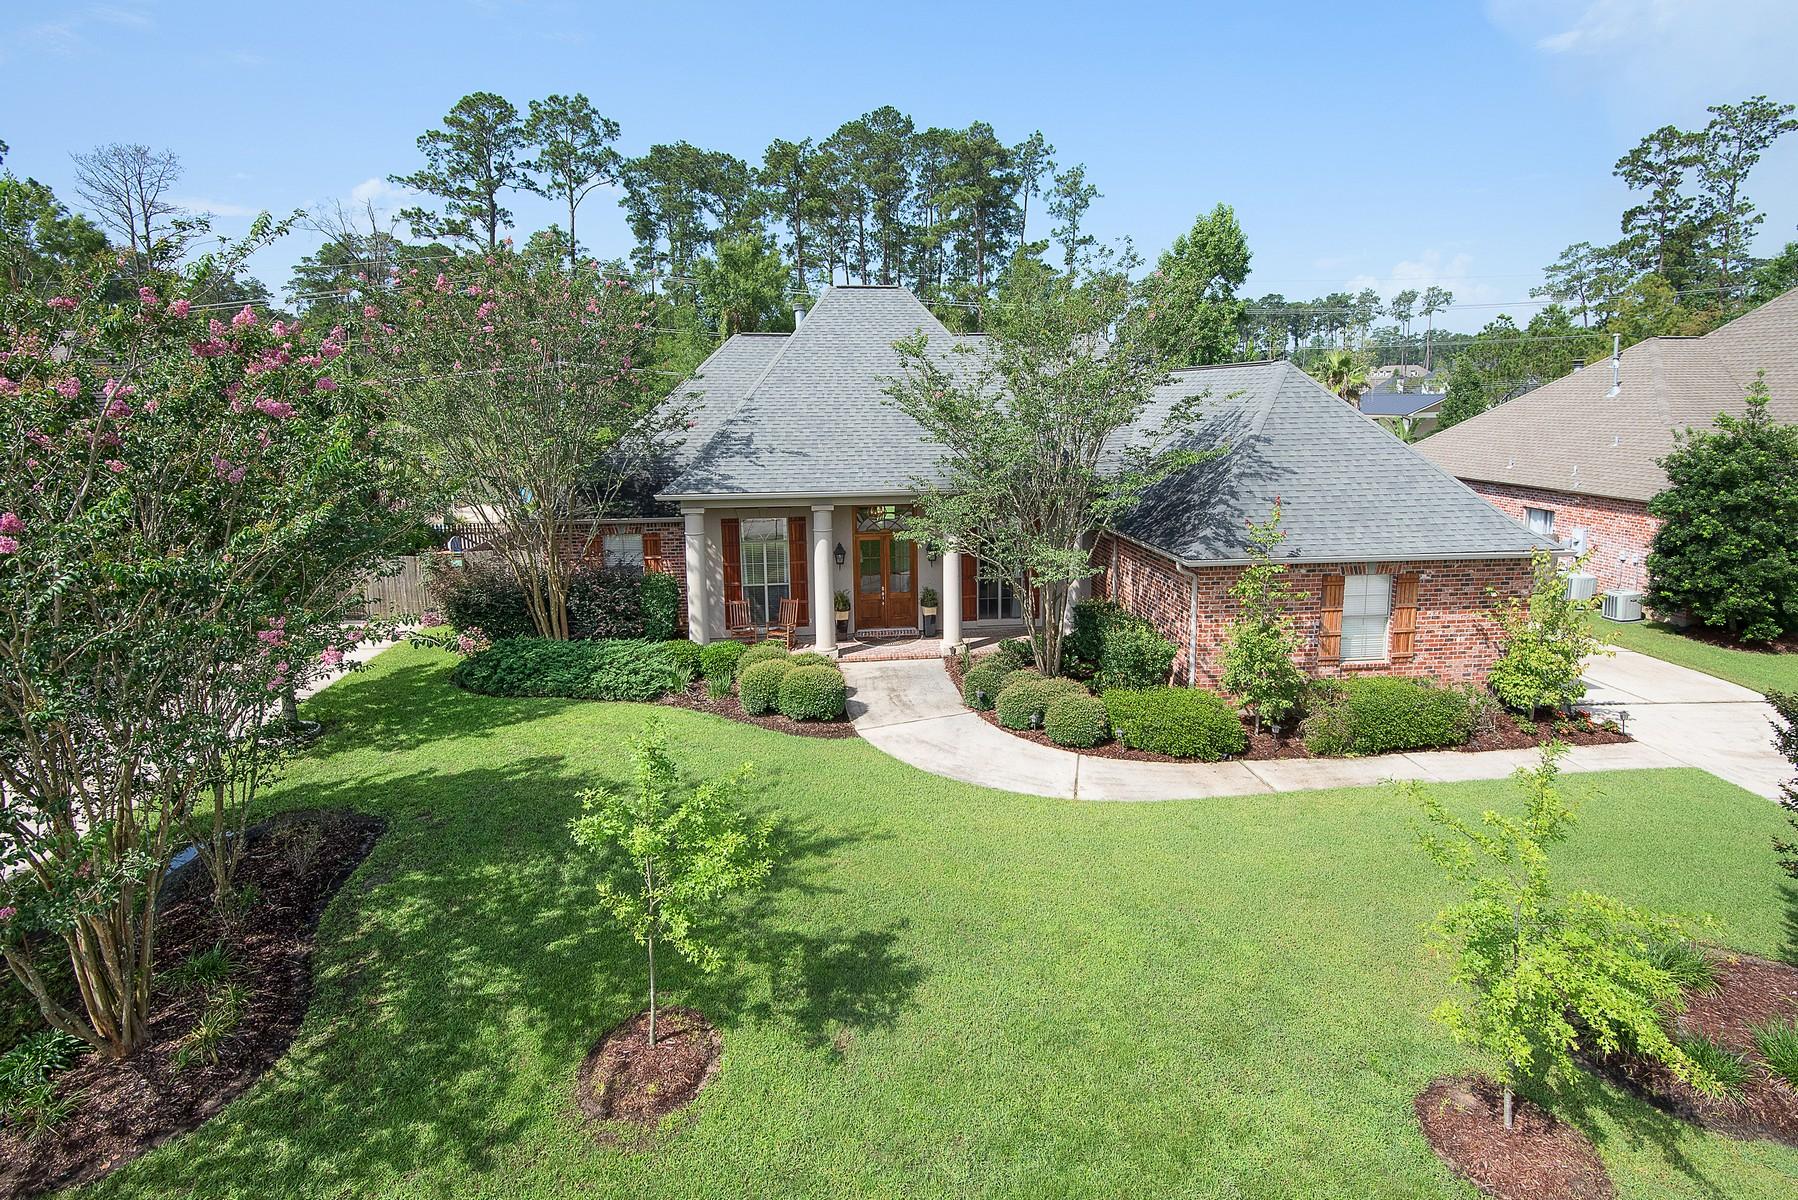 Maison unifamiliale pour l Vente à 26 Tara Lane, Mandeville 26 Tara Ln Mandeville, Louisiana, 70471 États-Unis